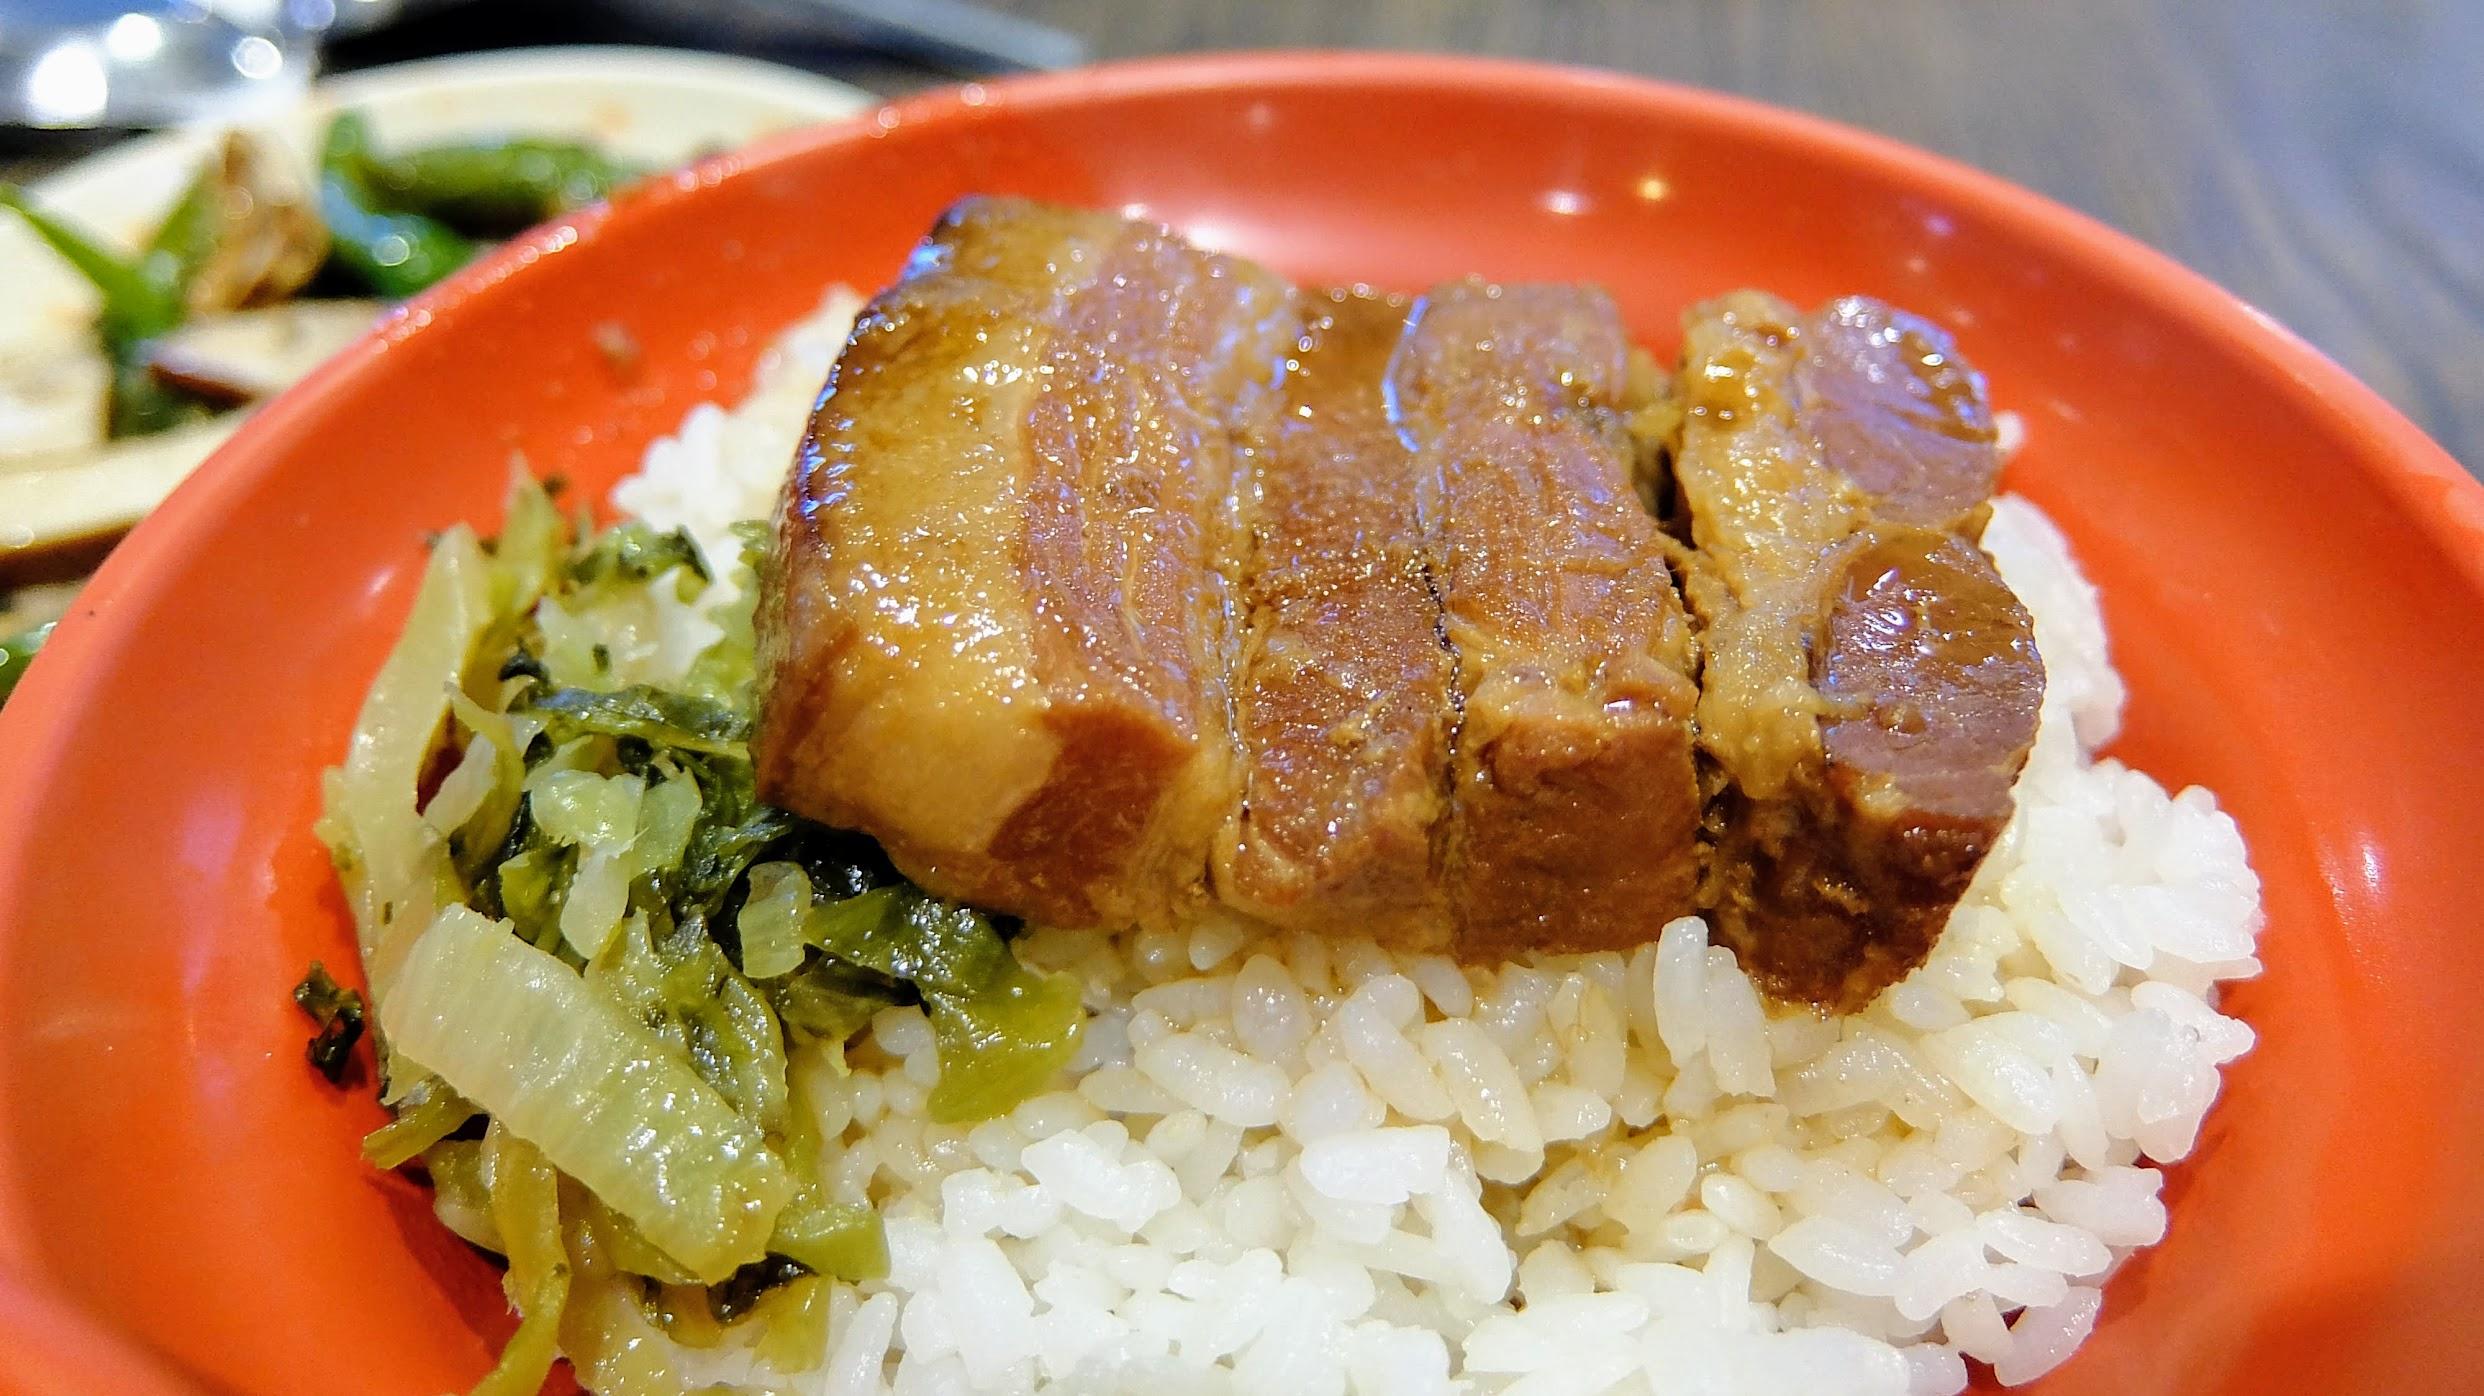 滷肉飯,上面是一塊三層肉